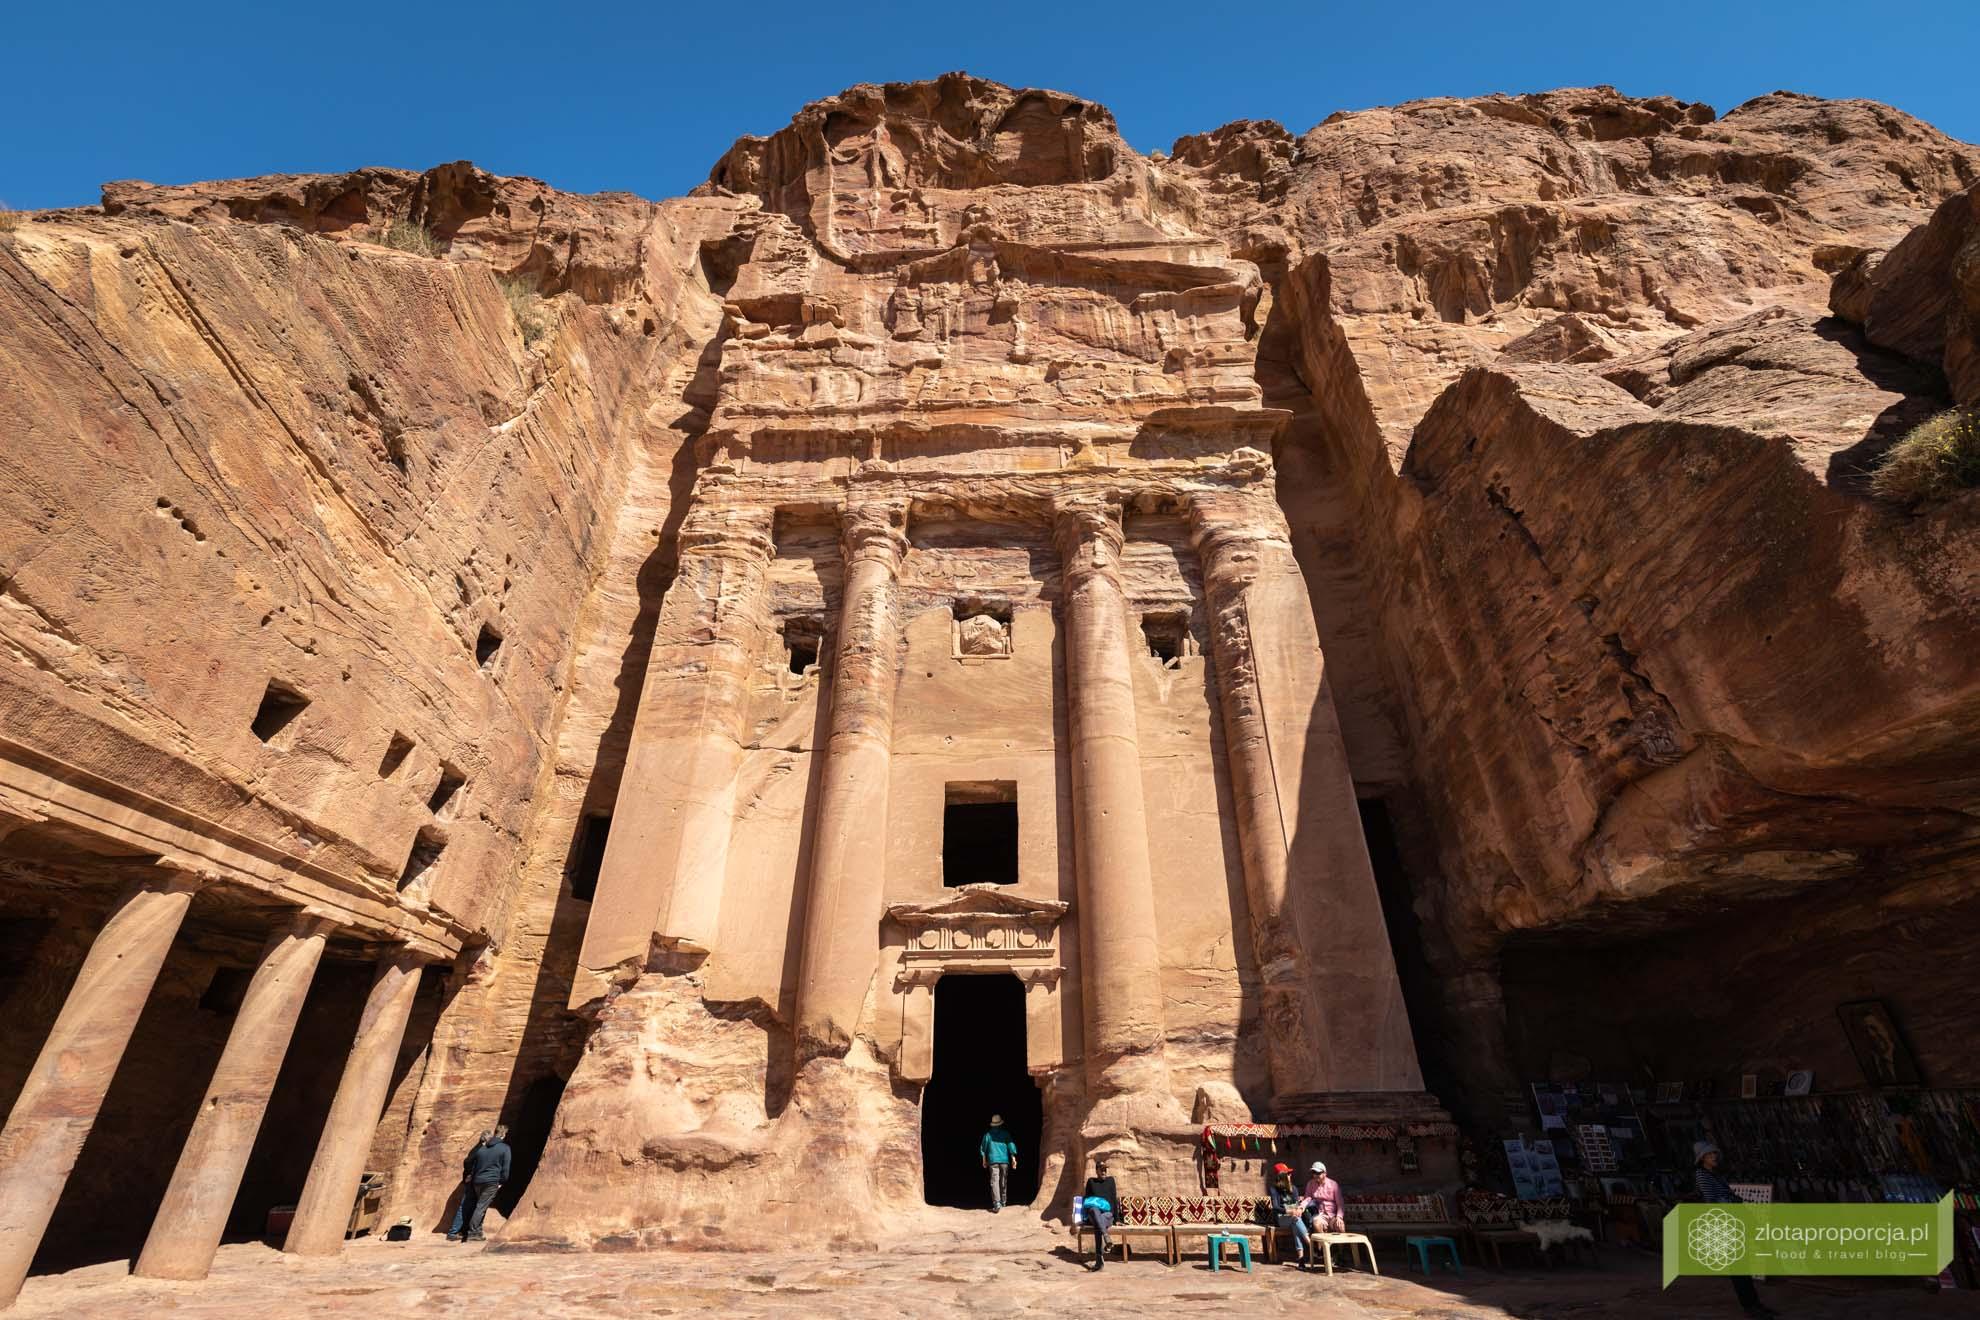 Petra; Jordania; atrakcje Petry; miasto wykute w skale; Petra Jordania; Petra cud świata; miasto Nabatejczyków; Grobowce Królewskie Petra;